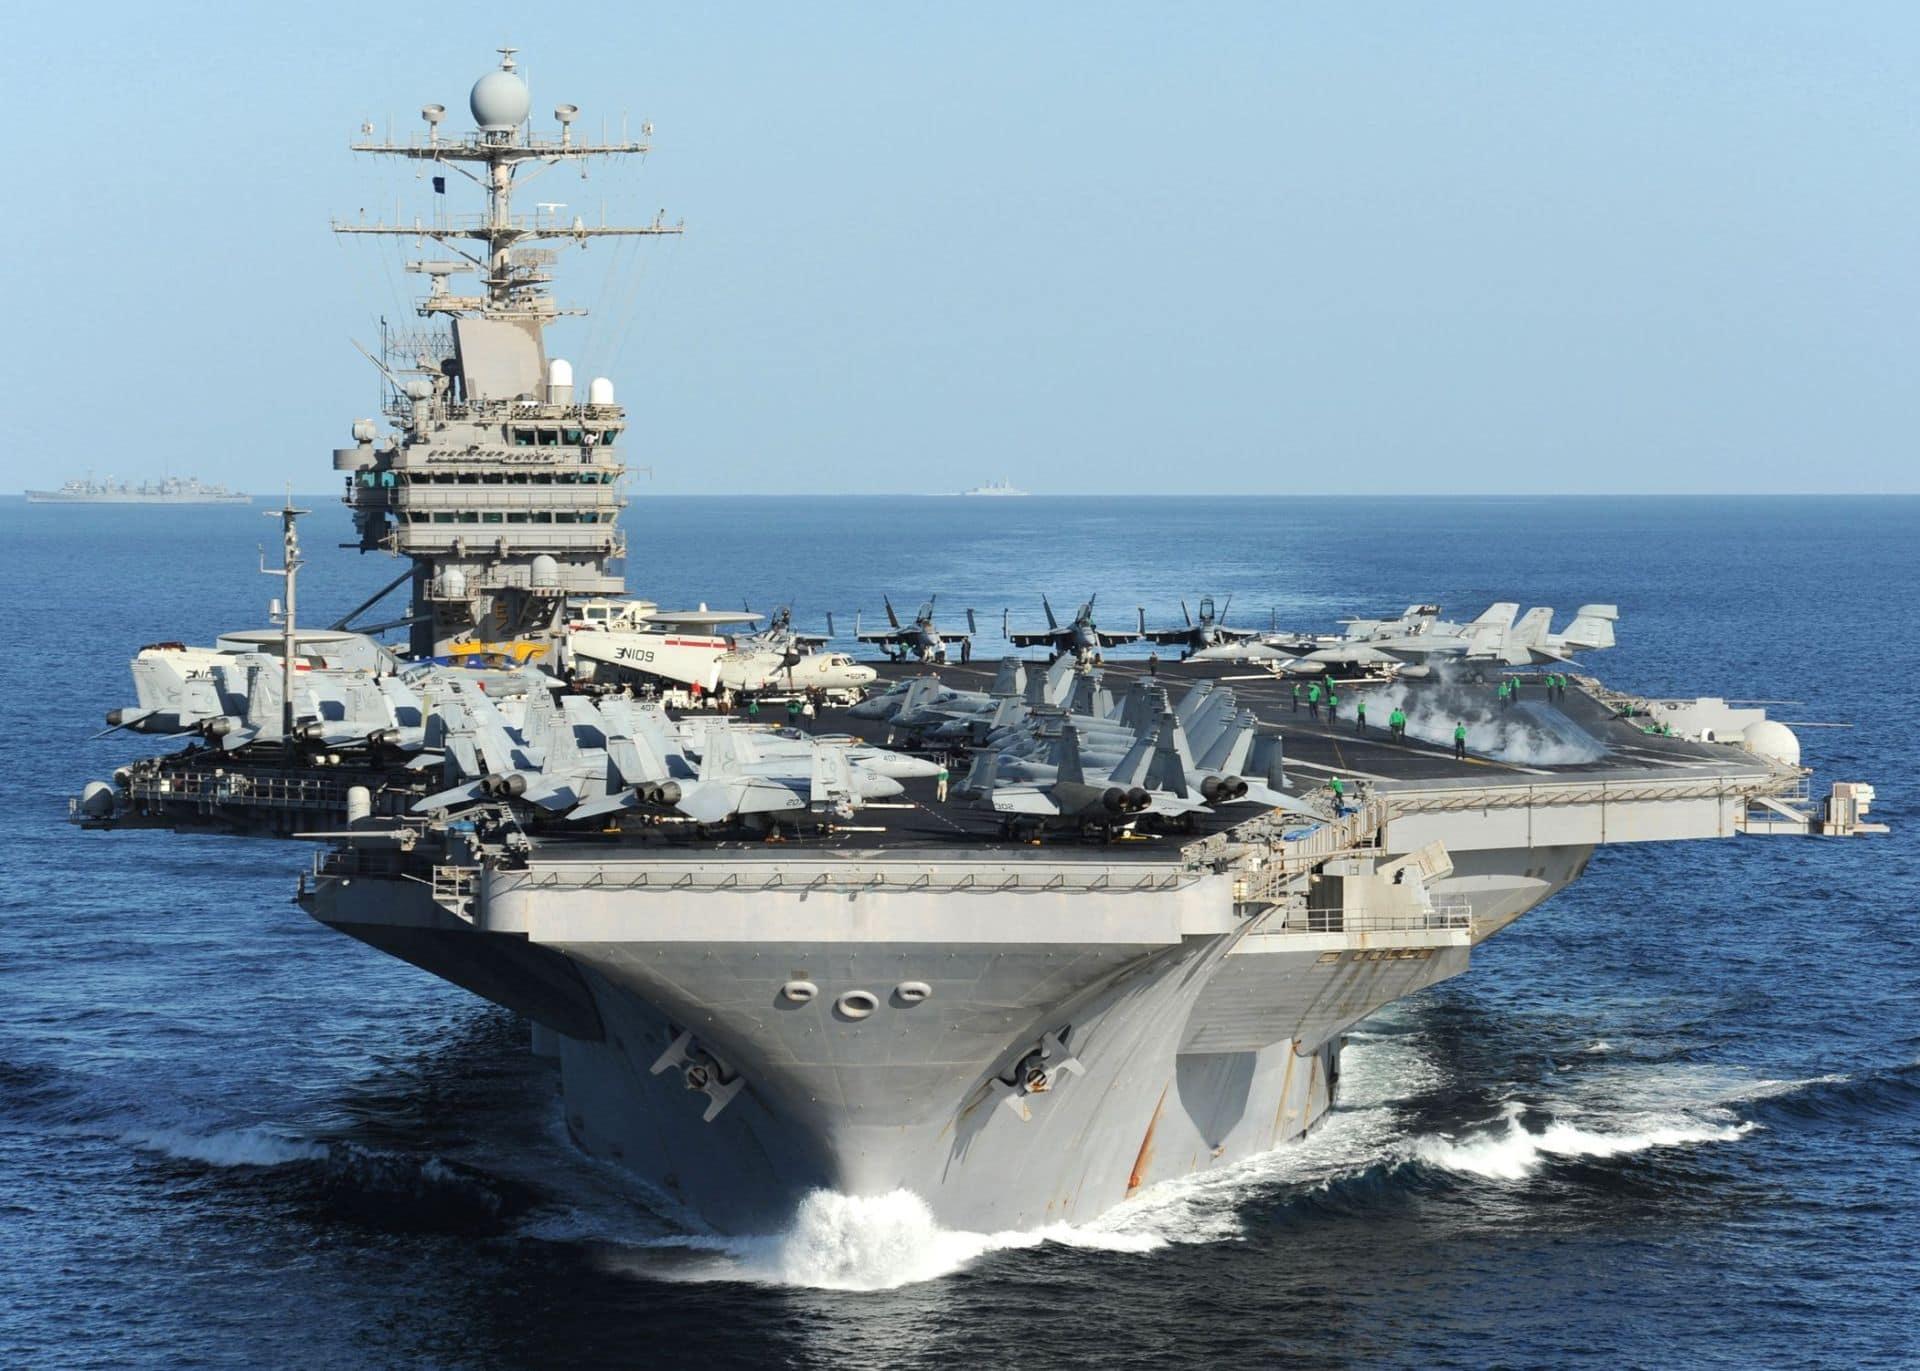 Uss Abraham Lincoln Cvn 72 Underway For Sea